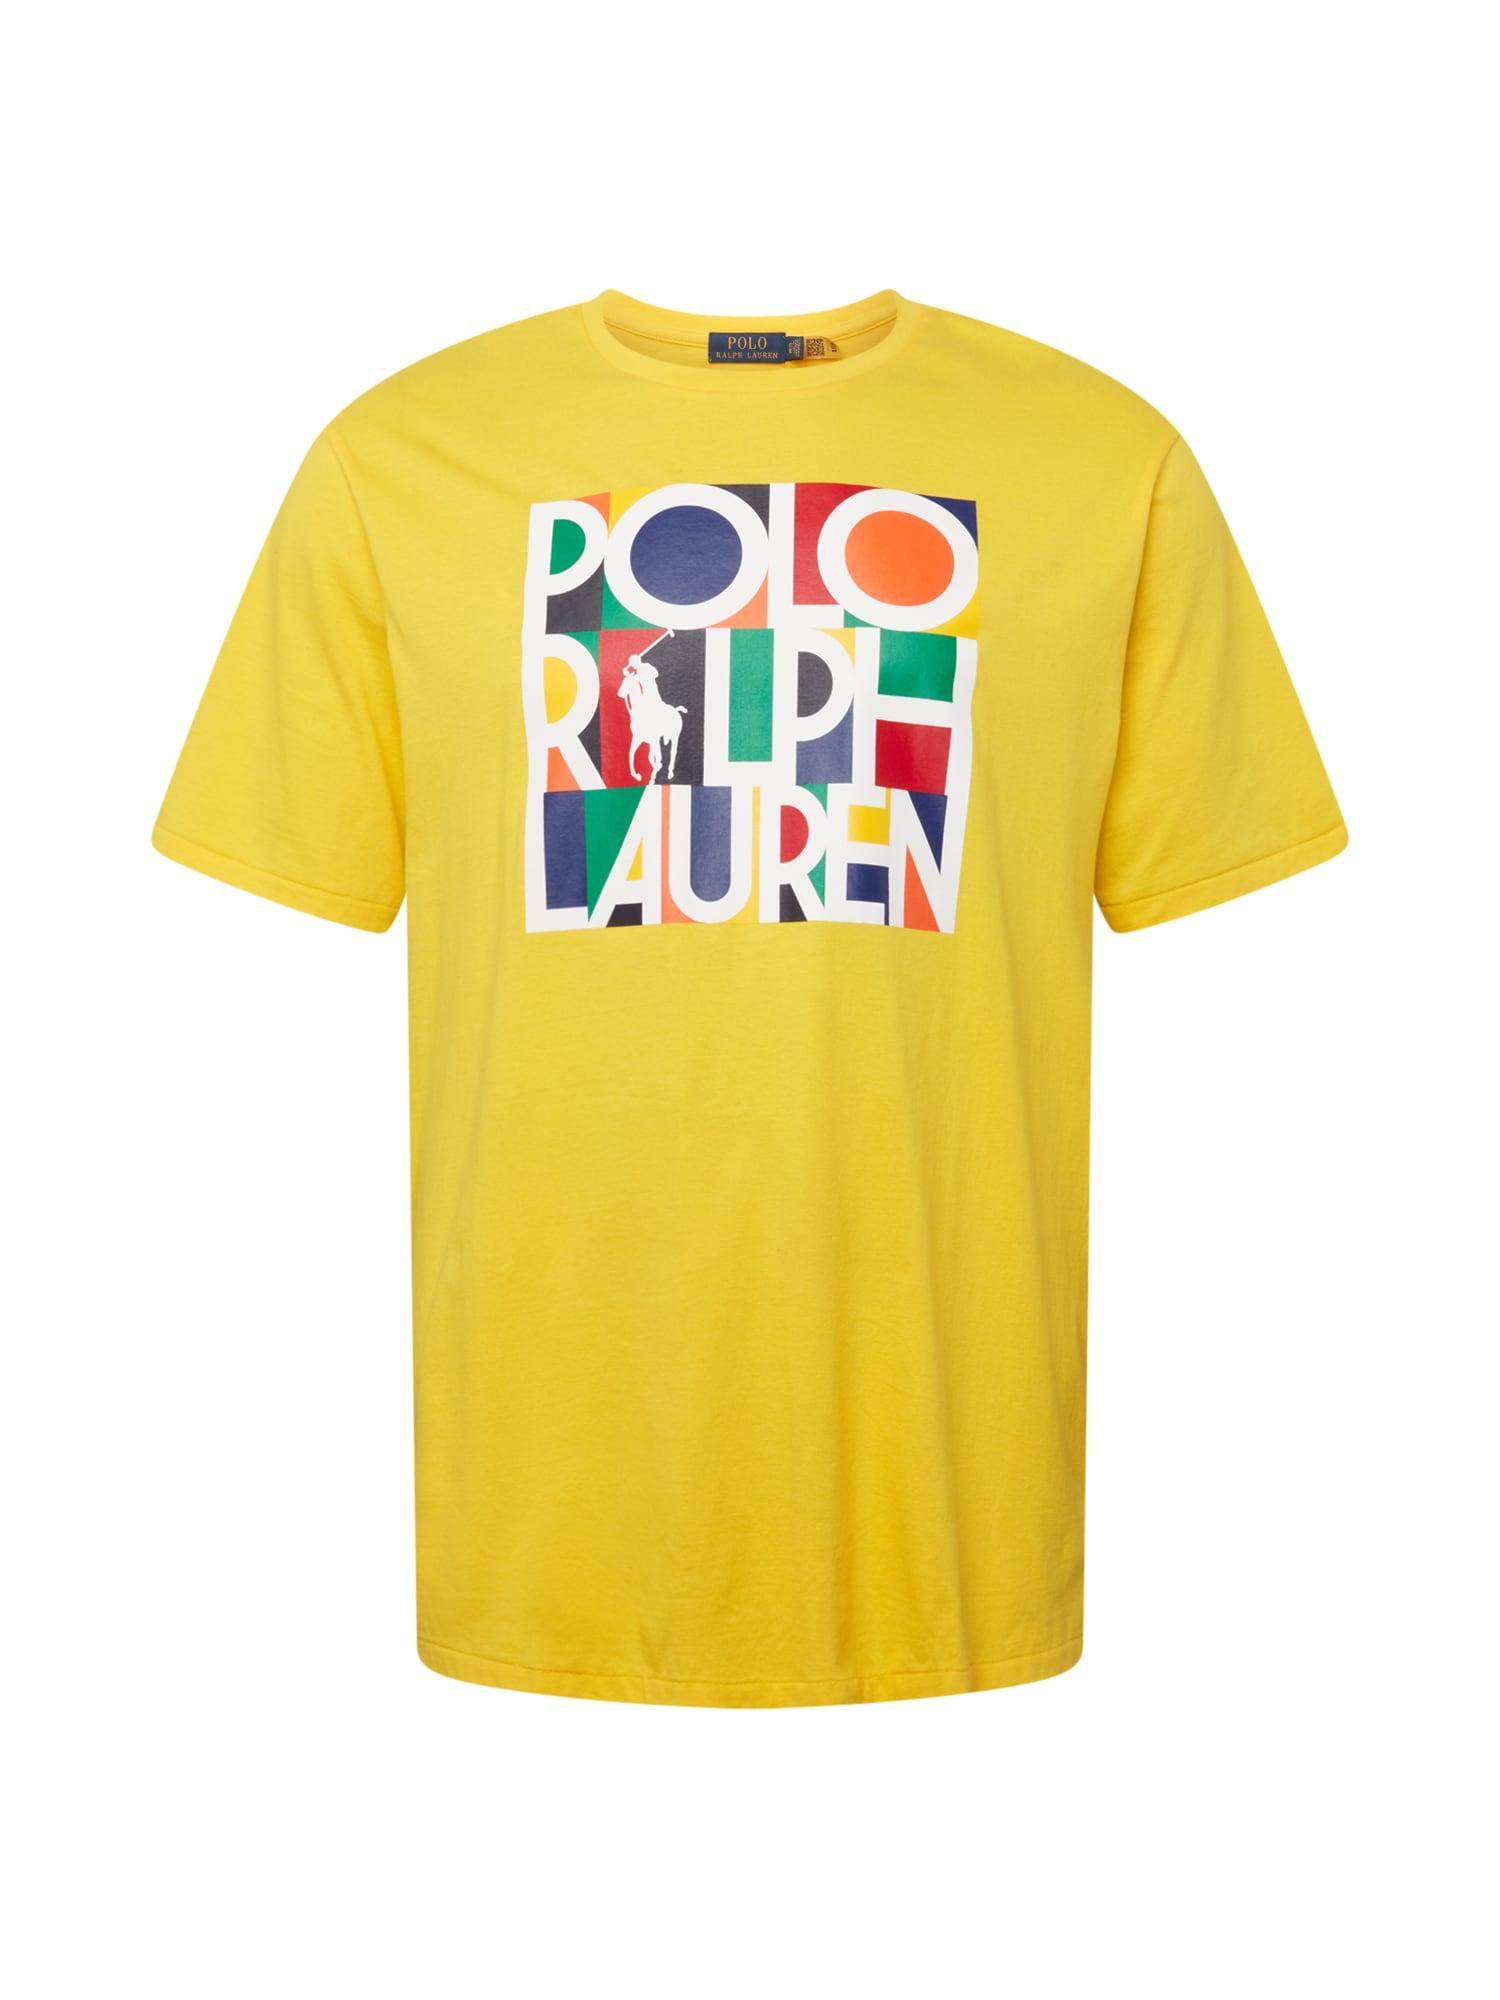 Polo Ralph Lauren Big & Tall Marškinėliai aukso geltonumo spalva / juoda / tamsiai mėlyna jūros spalva / balta / žaliosios citrinos spalva